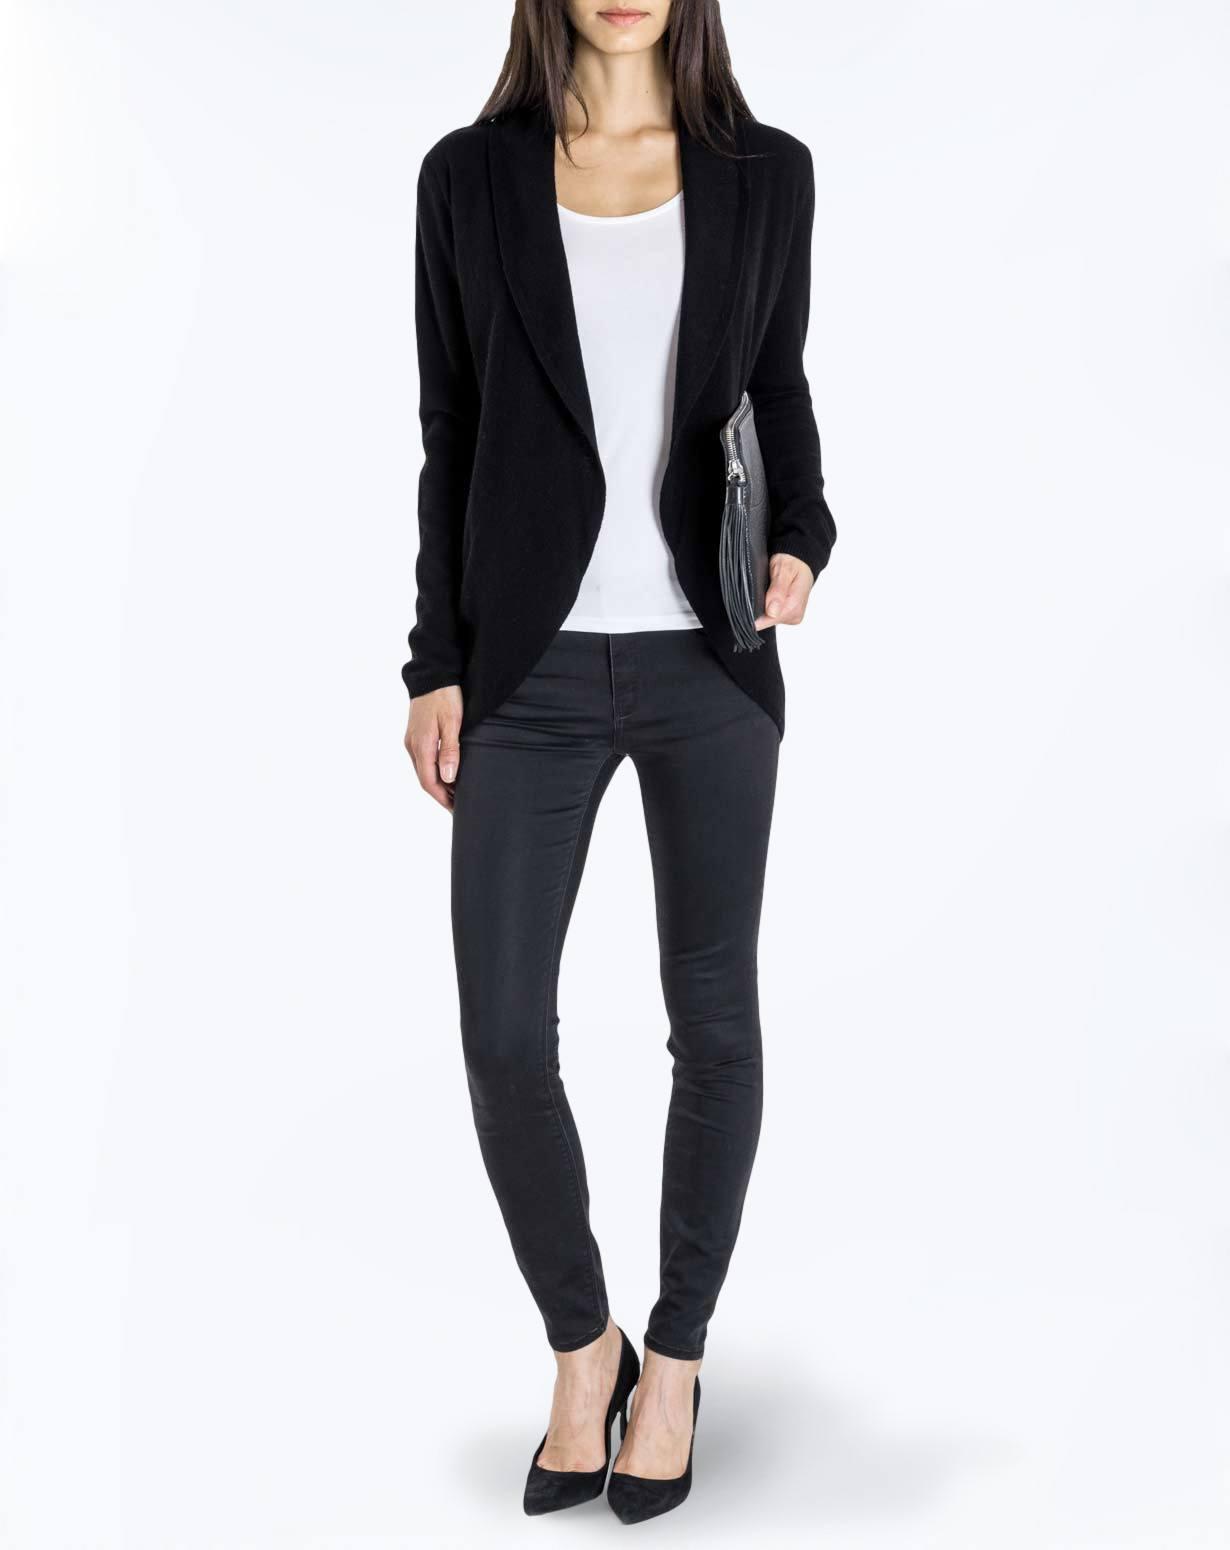 Women's Pure Cashmere Cardigan Jacket | MaisonCashmere